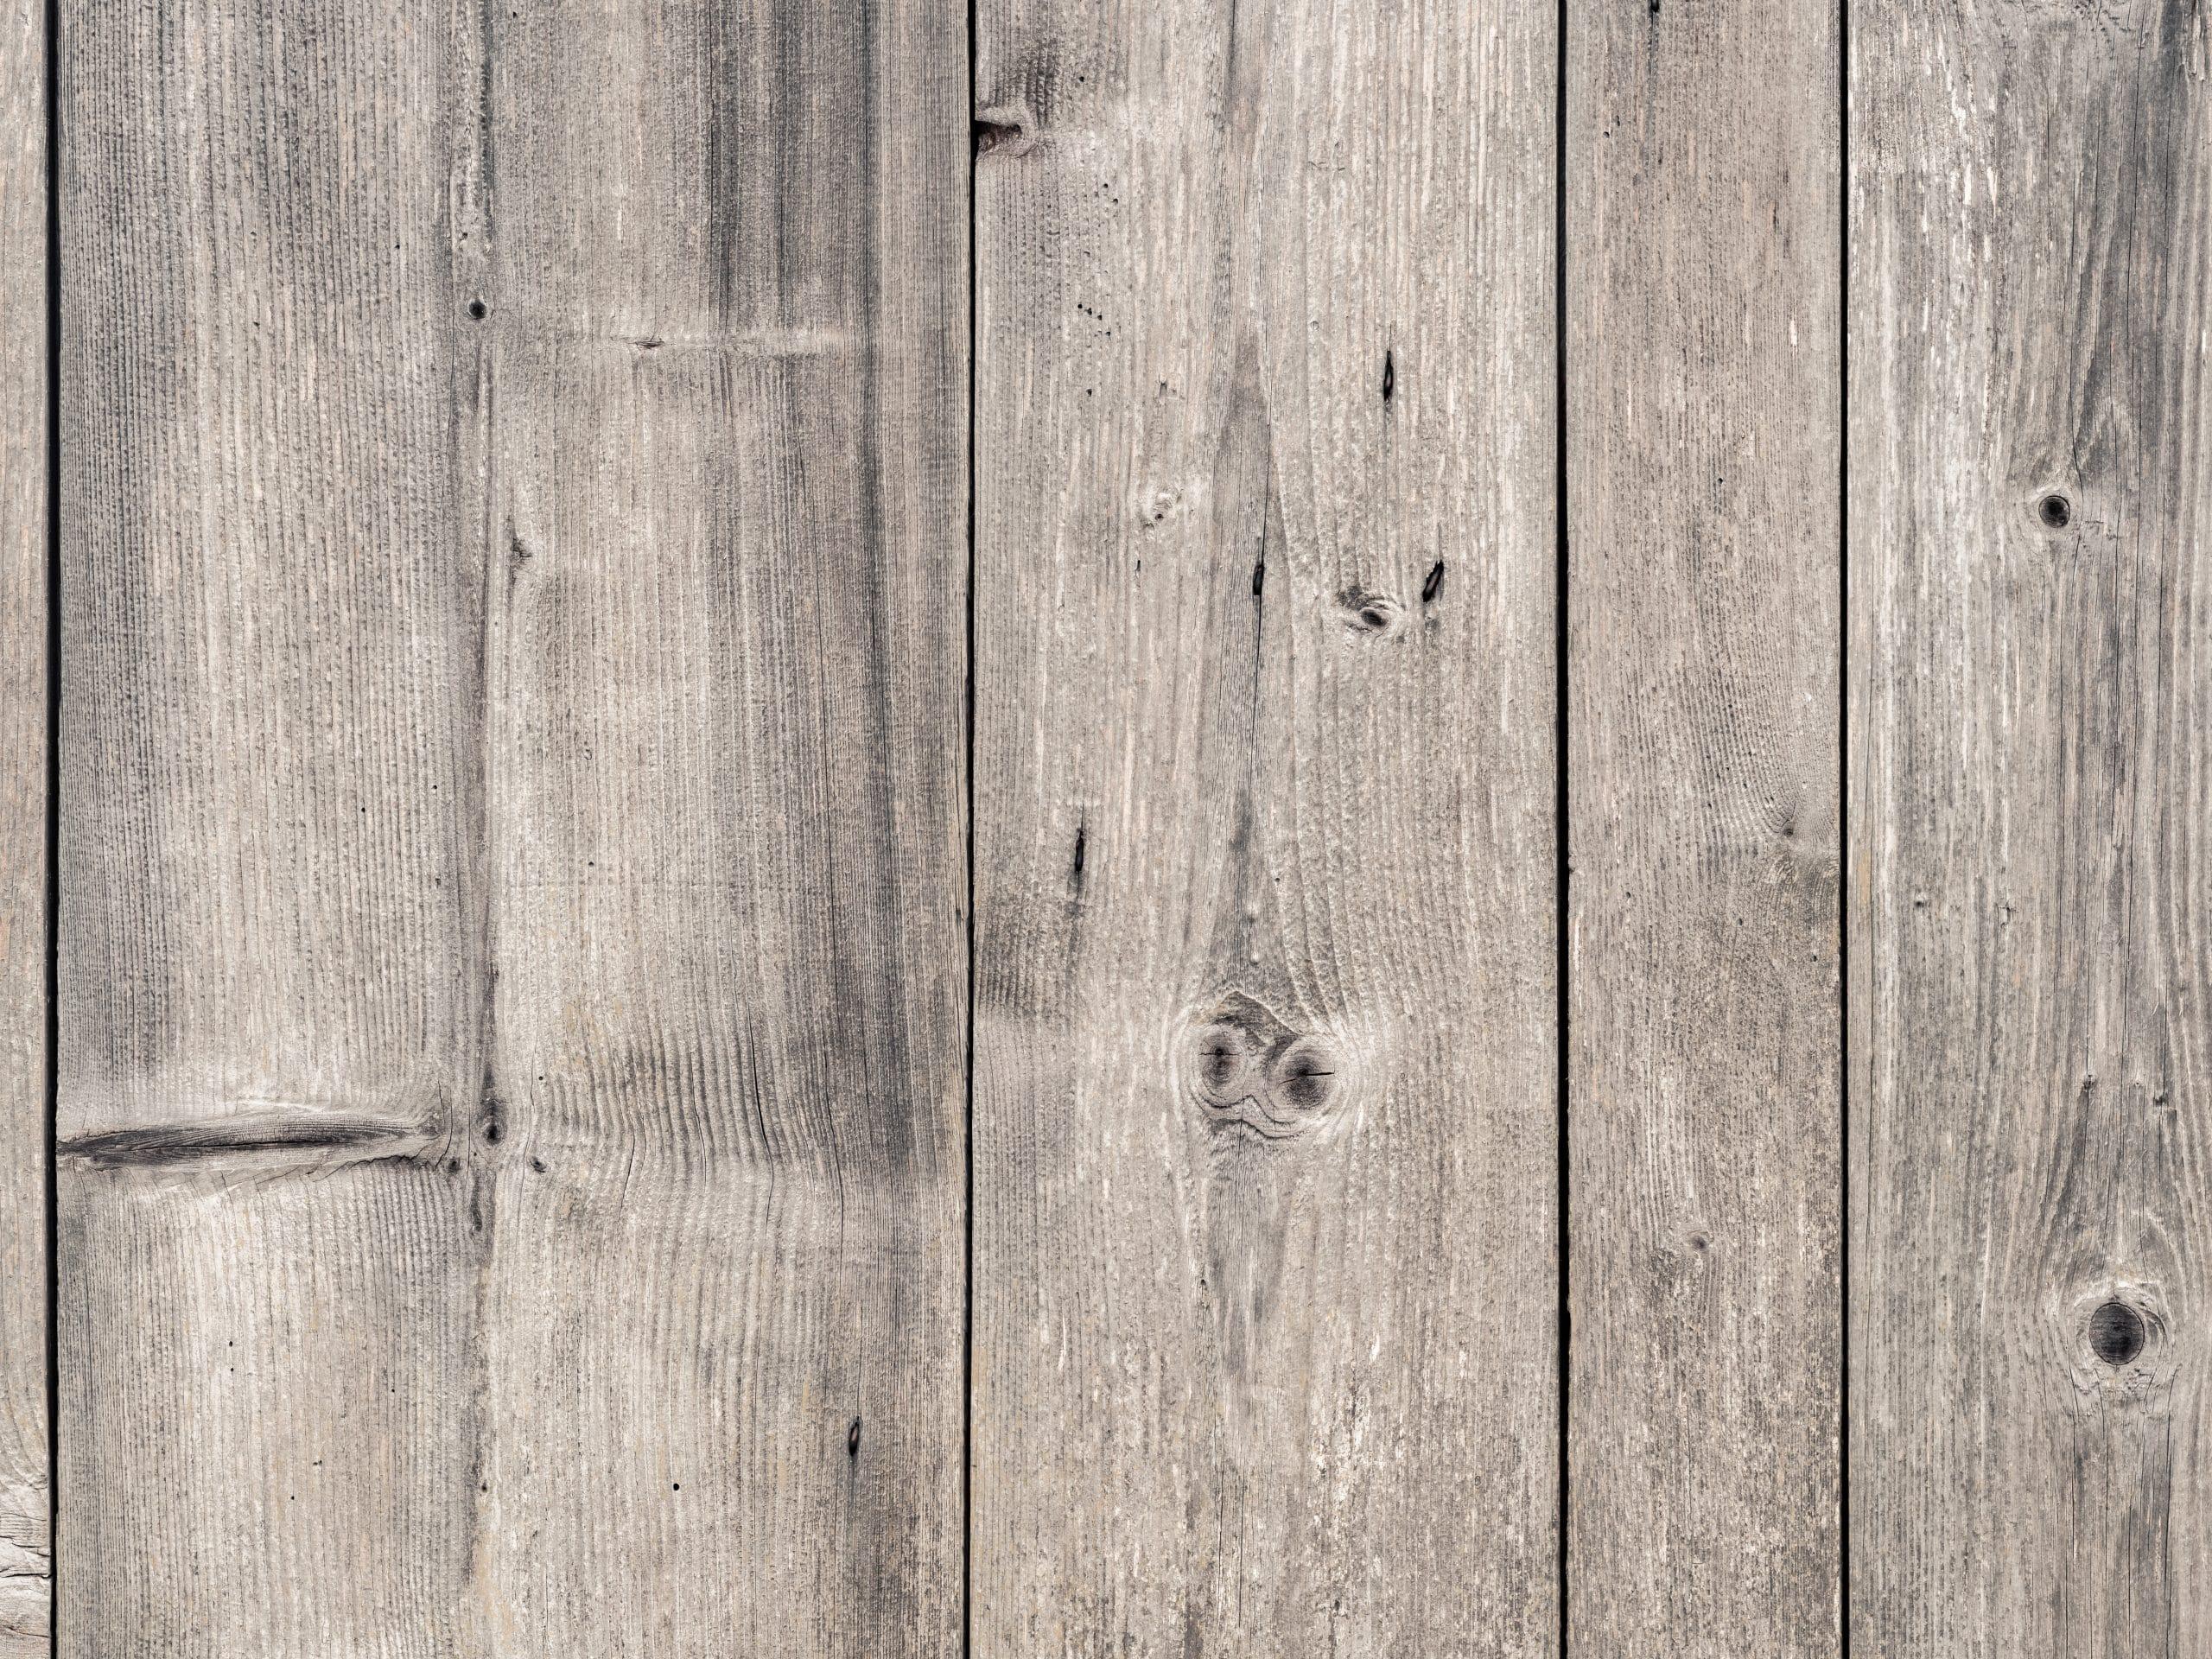 Où acheter des lames de terrasse en pin classe 4 sans noeud ?